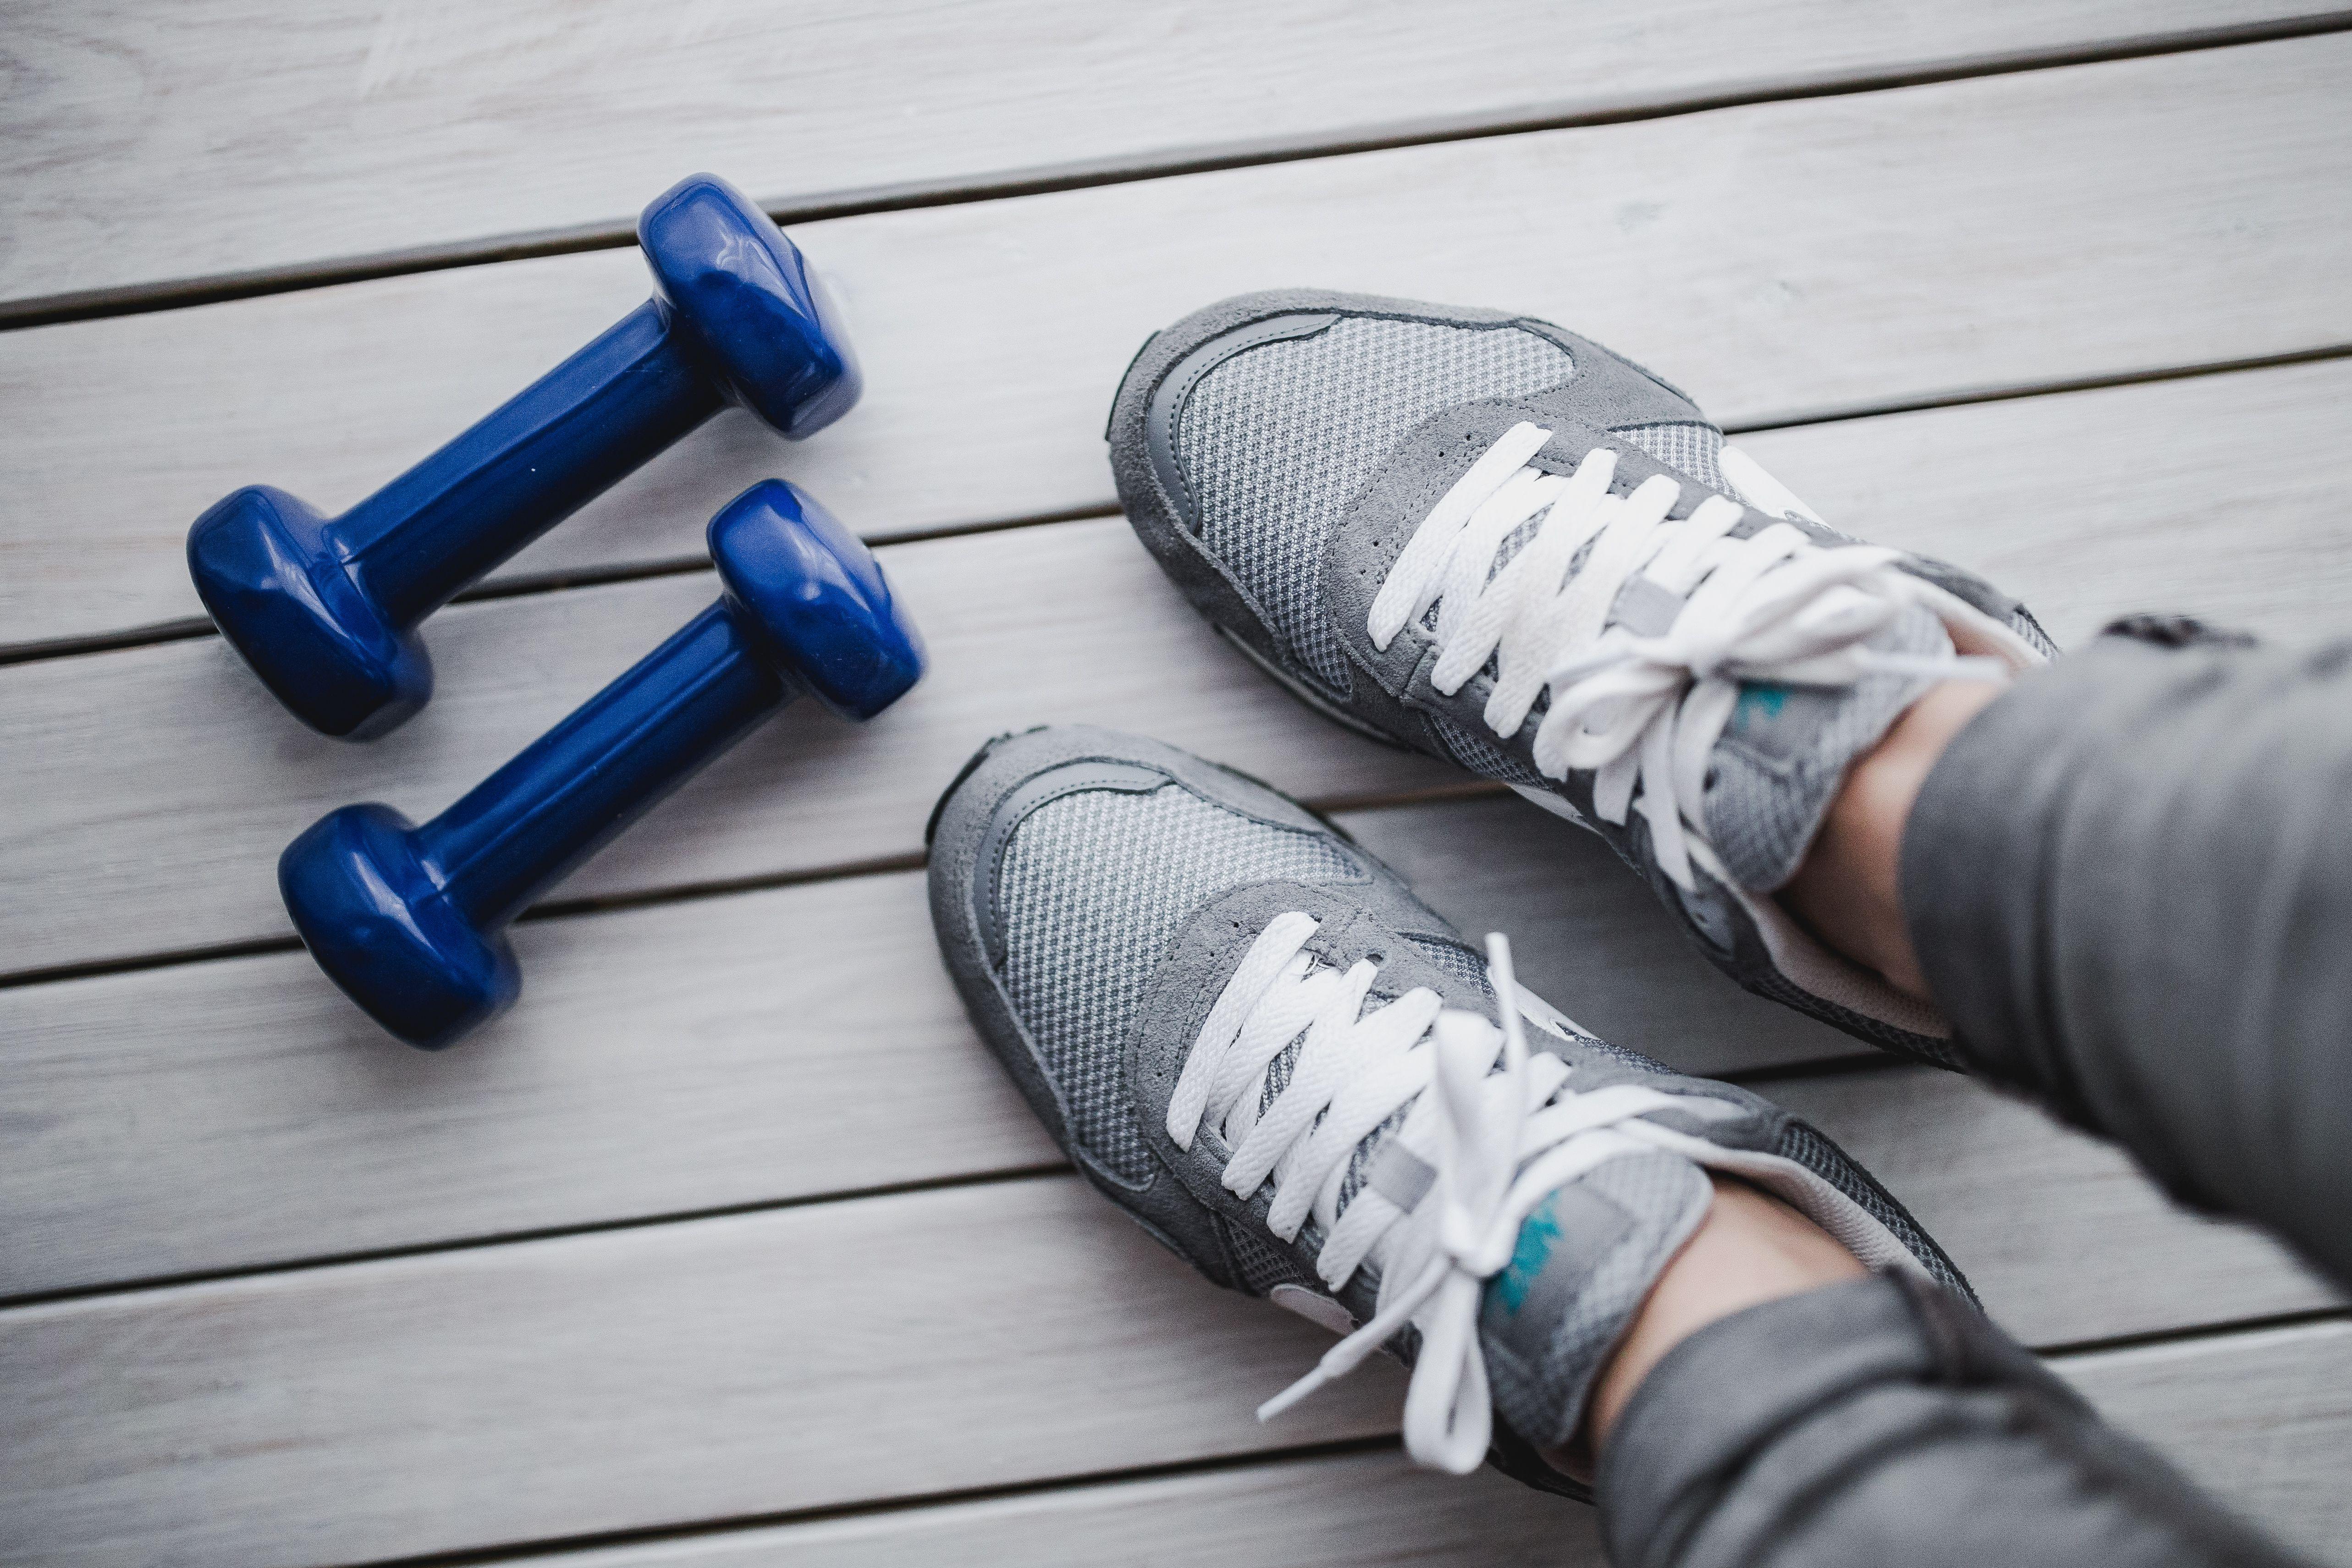 kaboompics_Grey sport shoes